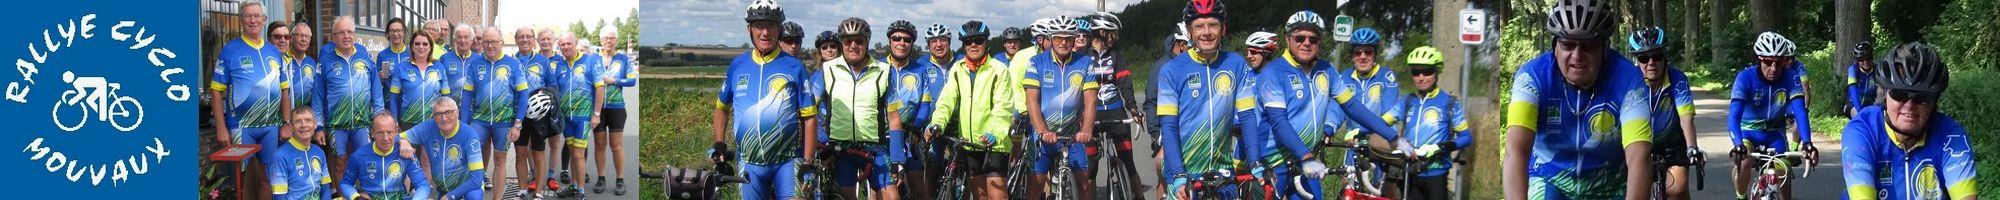 Rallye Cyclo Mouvaux